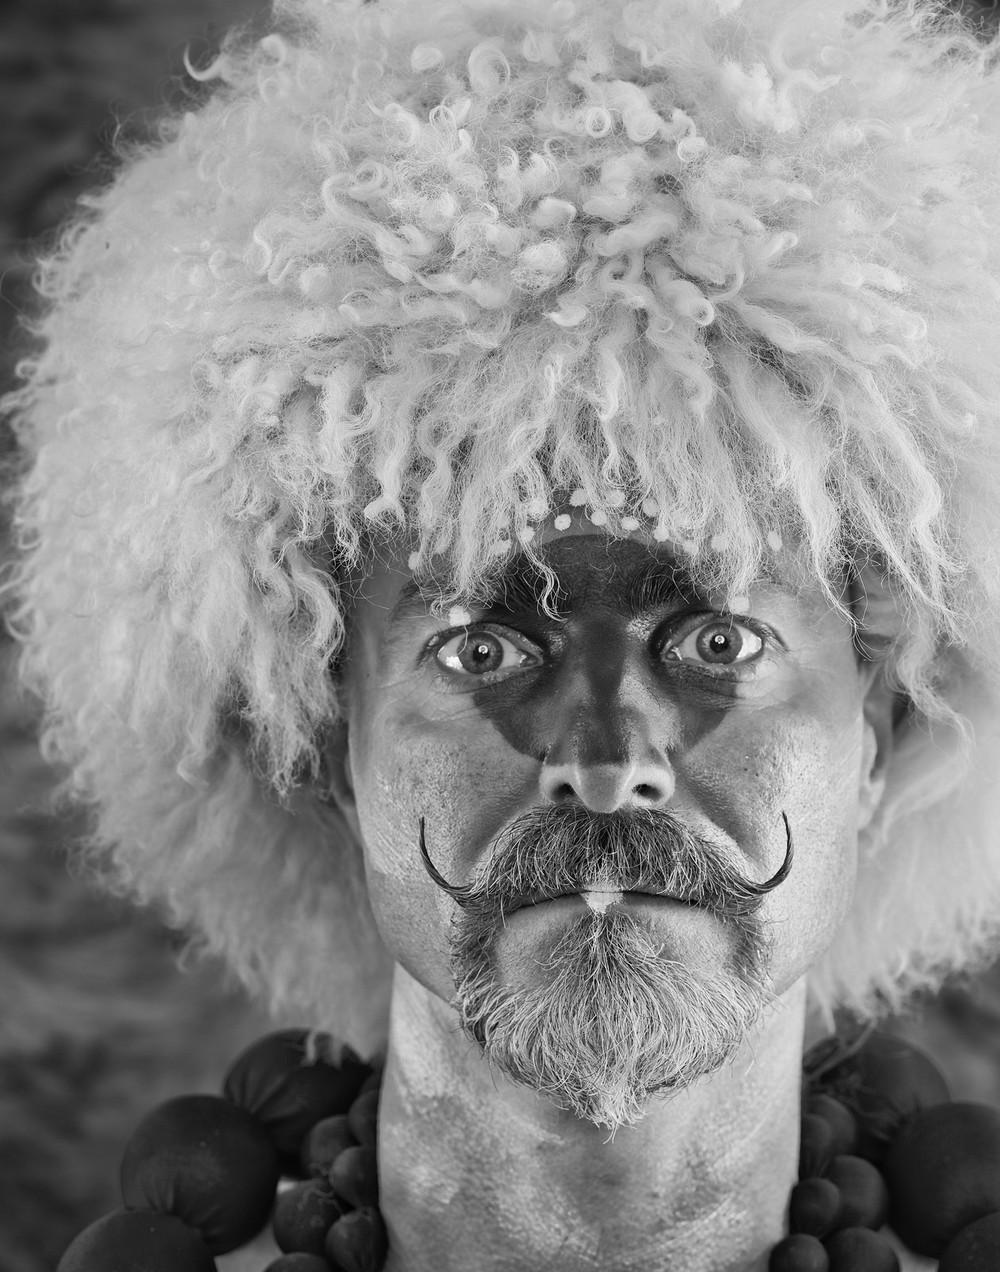 Фотограф Билли Пламмер: фото, которые затронут Ваш глаз